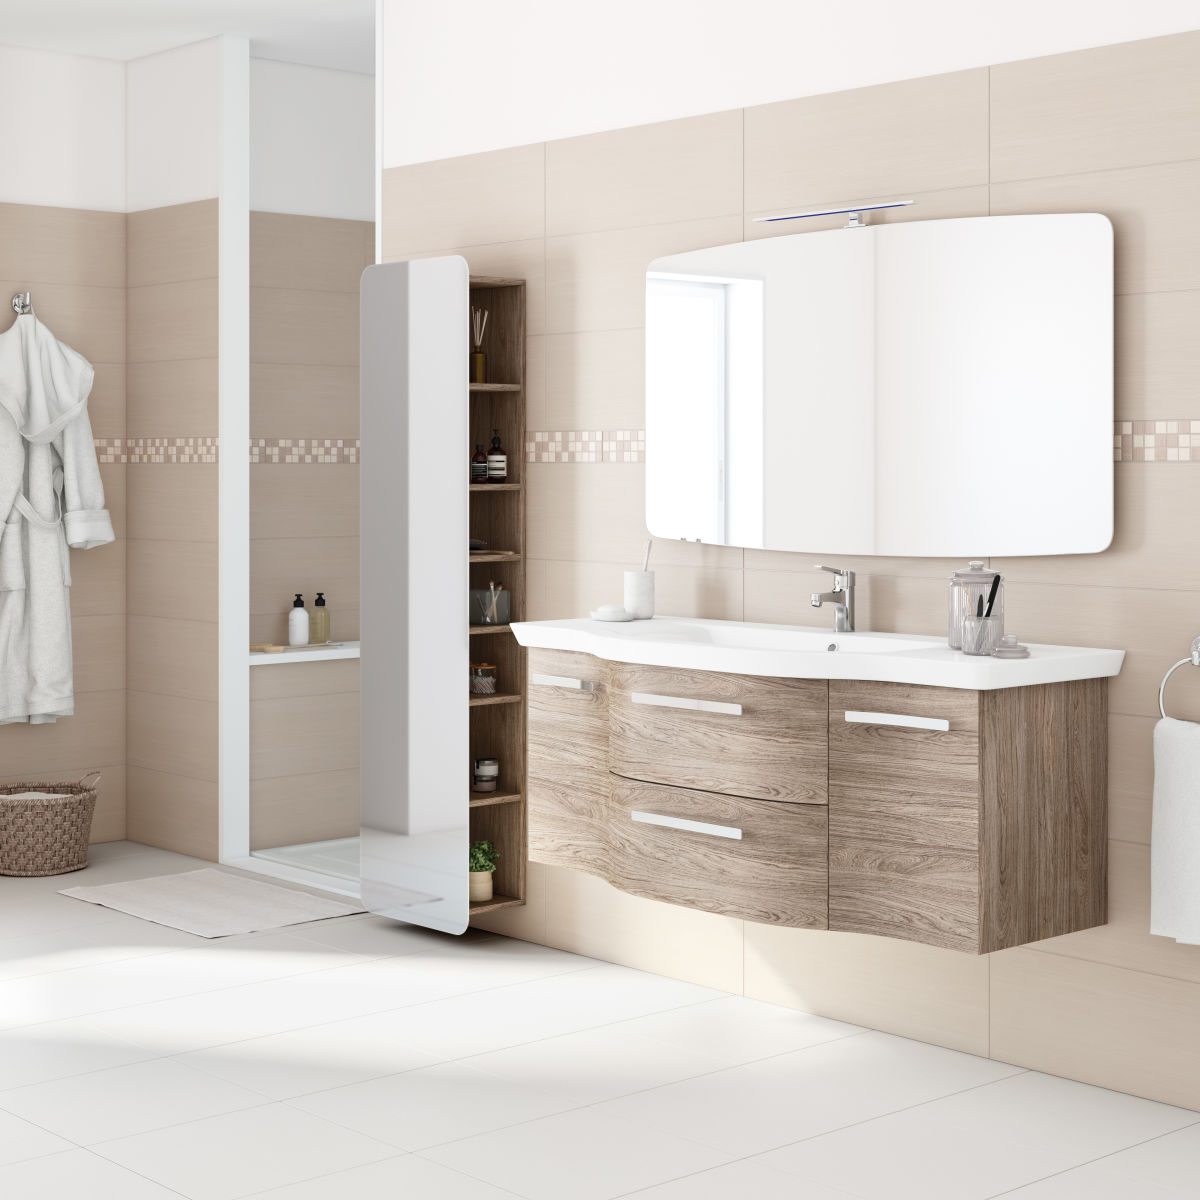 Mobile bagno contea rovere l 126 cm prezzi e offerte online for Mobile da bagno